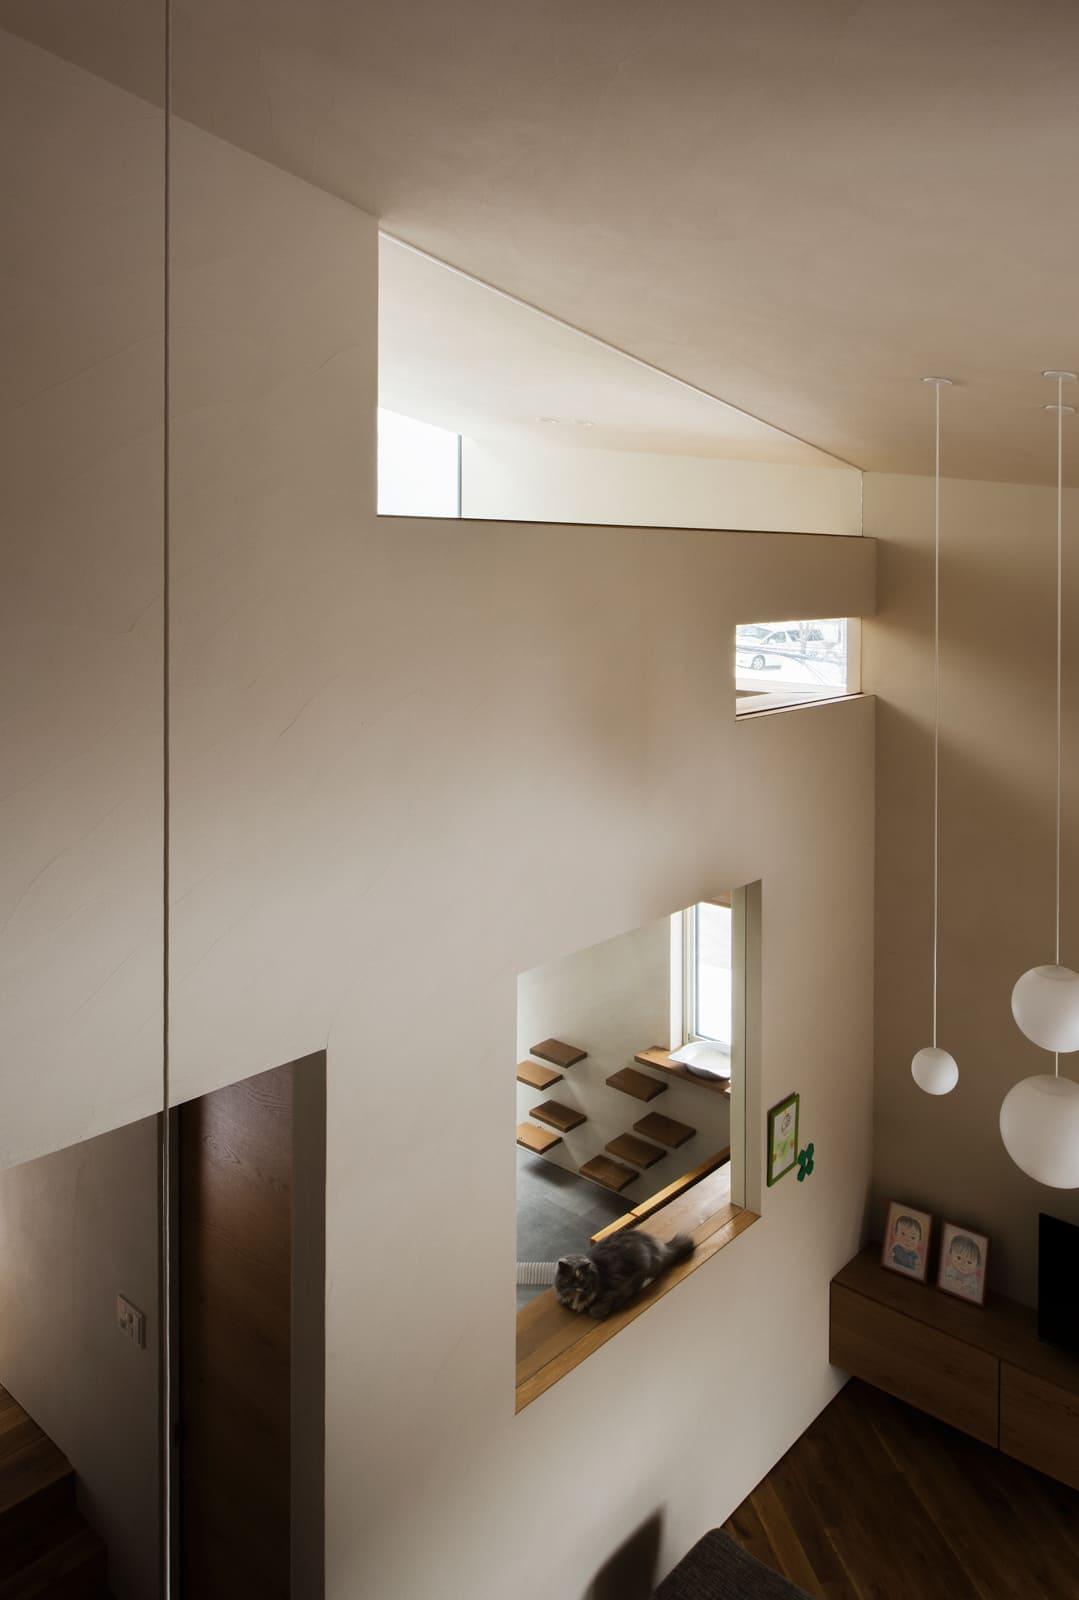 リビングの採光窓を兼ねる天井下の開口にもガラスを入れ、アレルゲン対策は万全